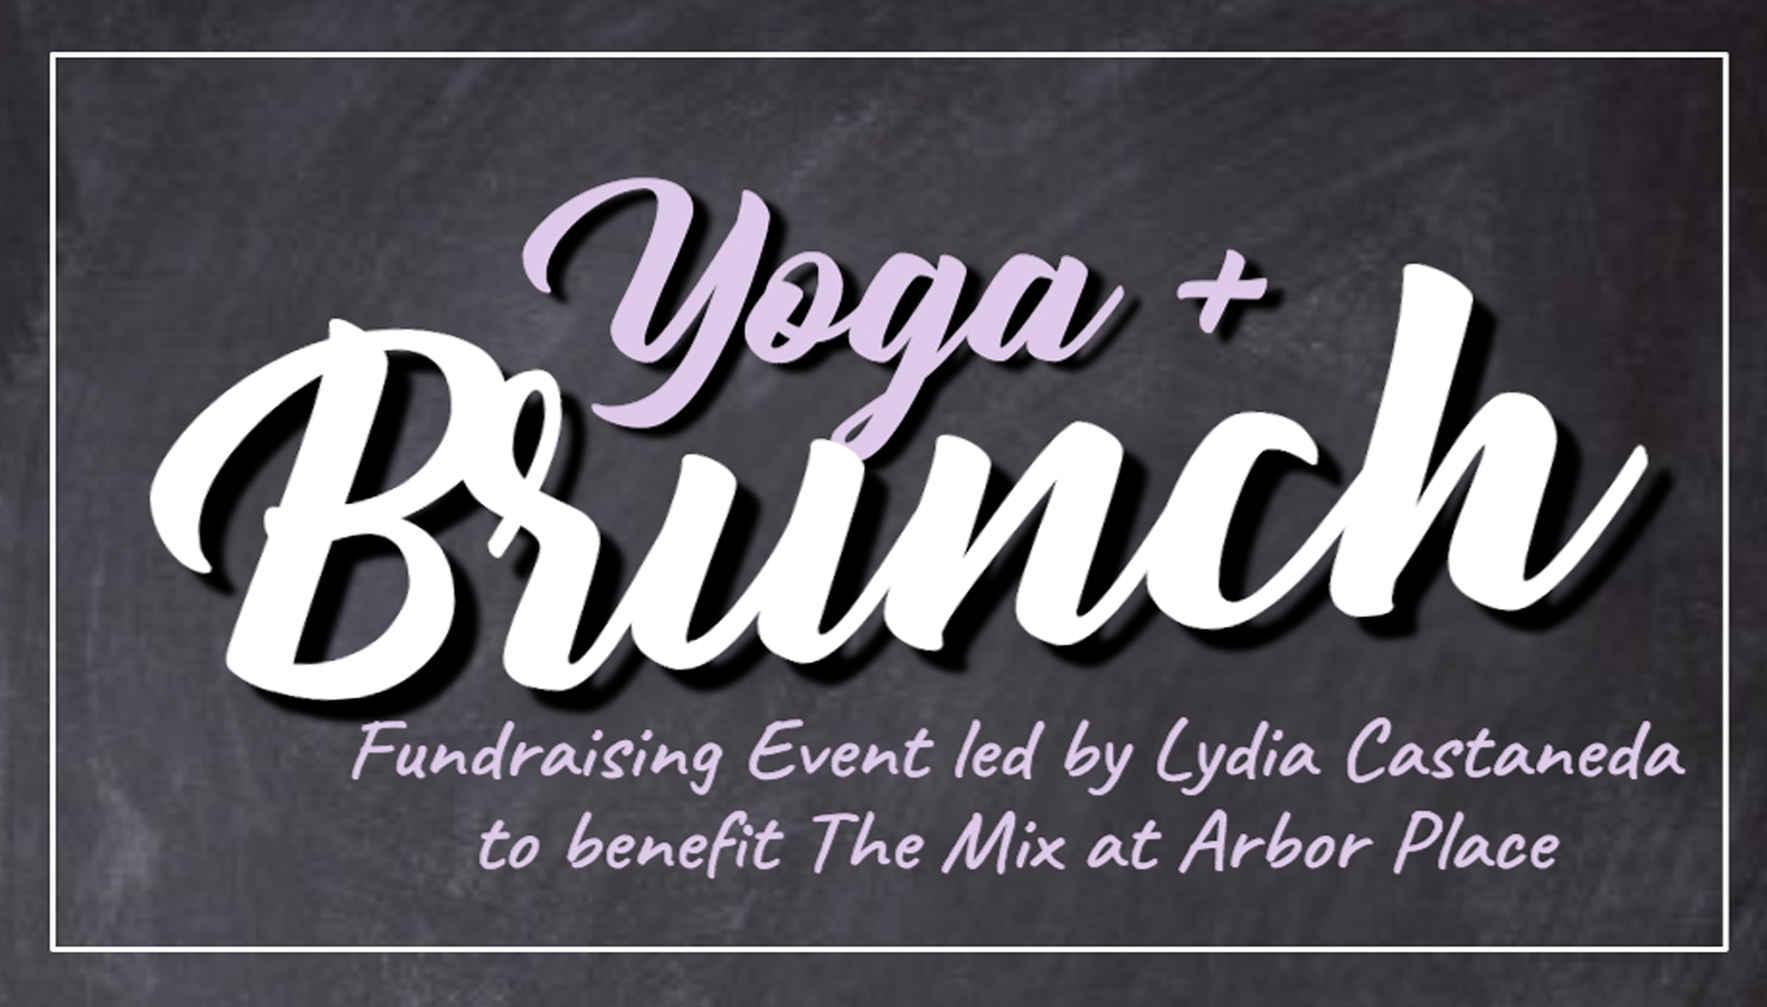 Yoga+Brunch image